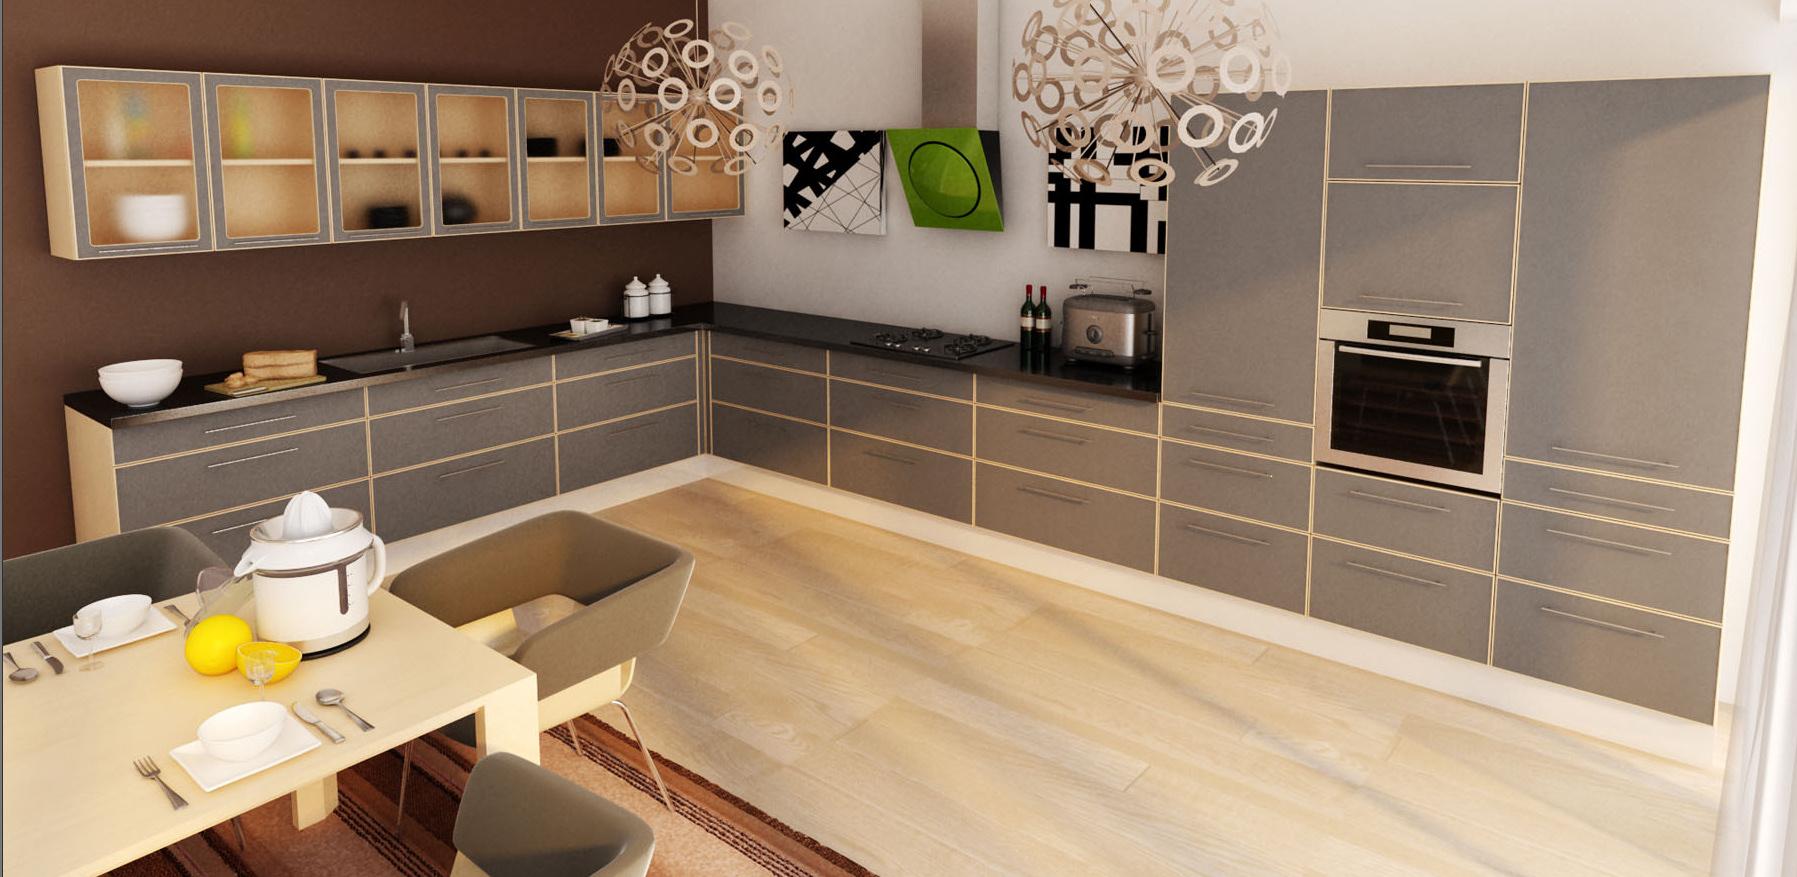 Grå design eg køkken   se køkkenskabe i grå eg